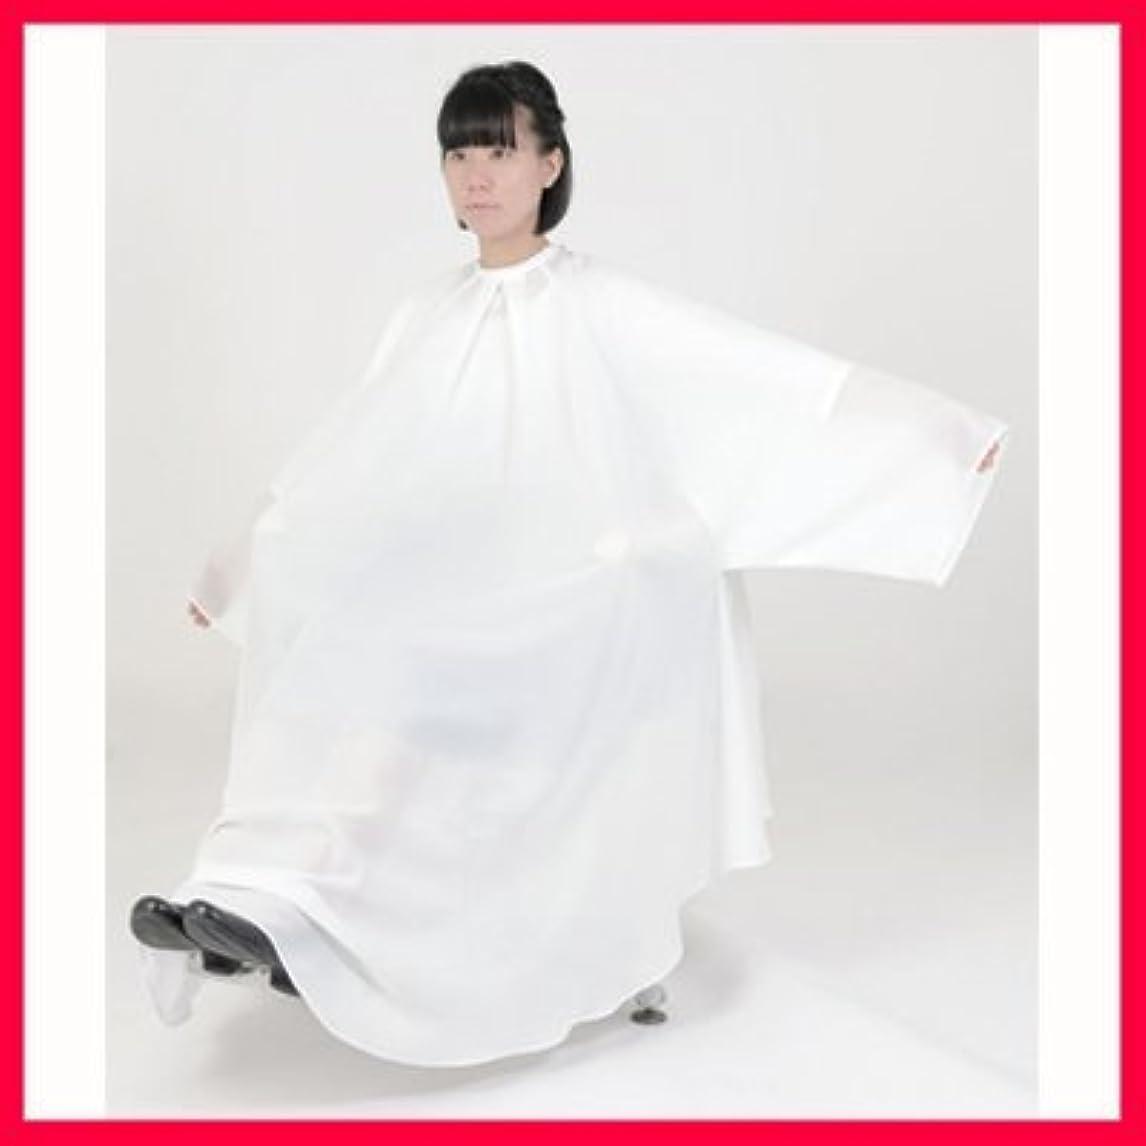 に対処するうなずく液化するエクセル 8112 ビッグドレス(カット)ホワイト